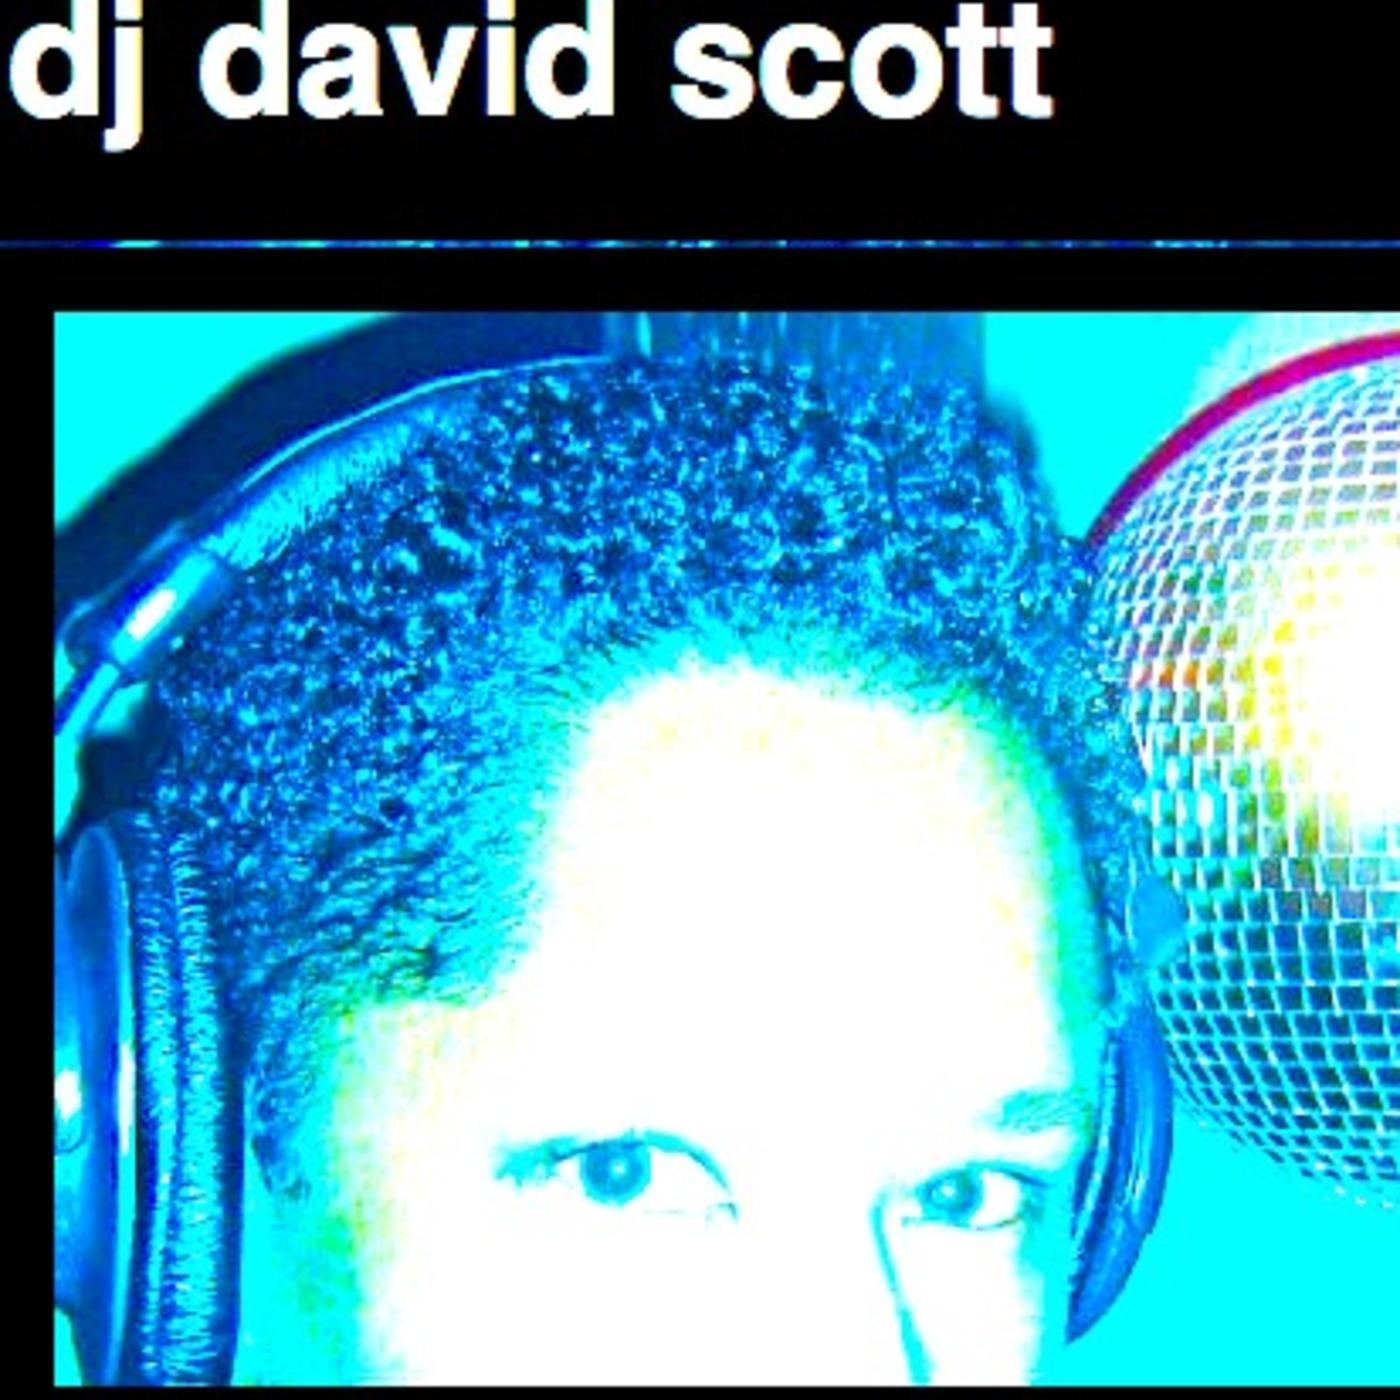 dj David Scott